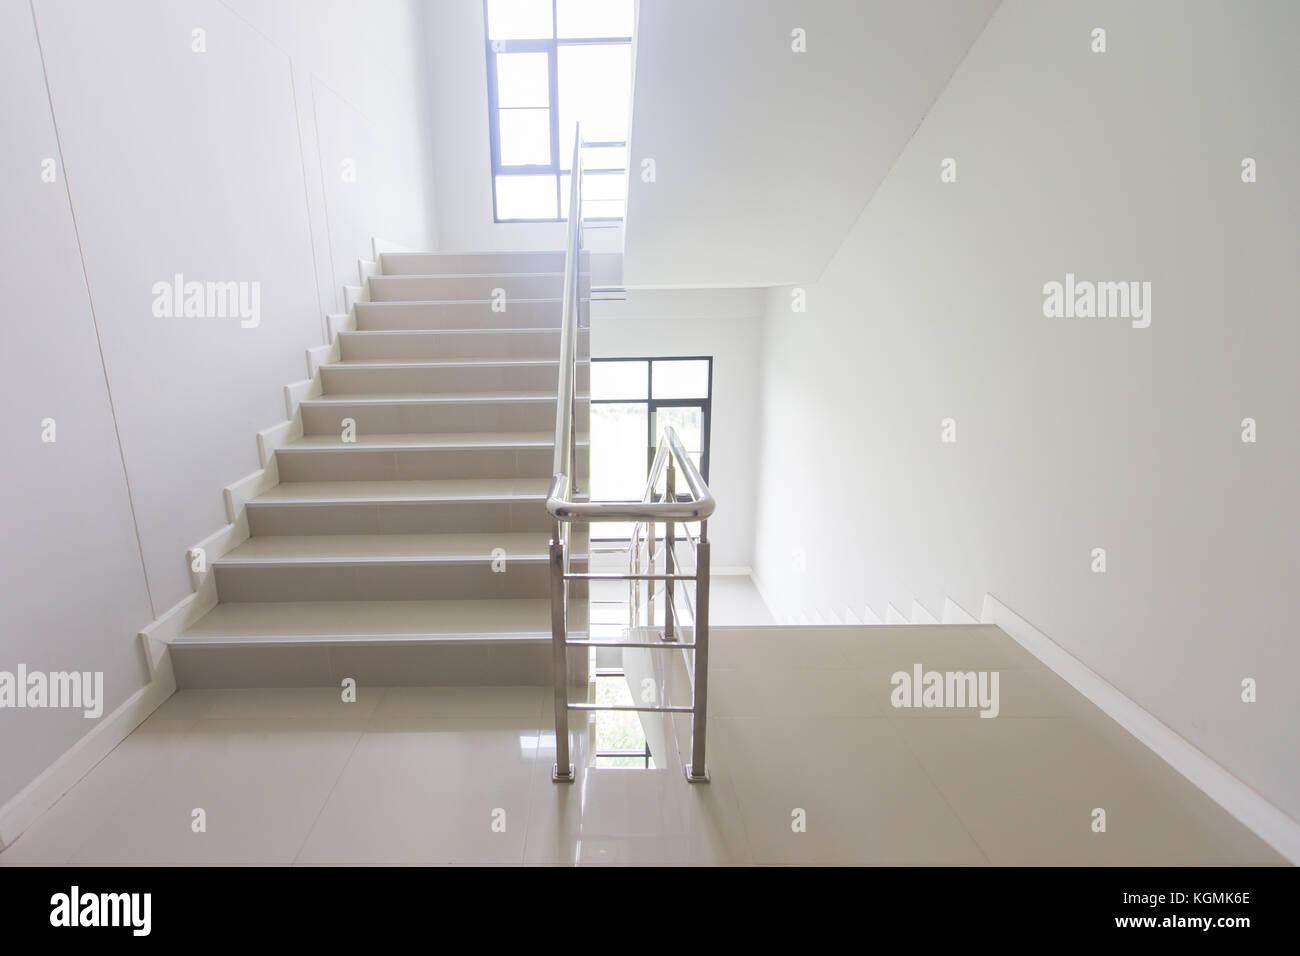 sortie de secours escalier dans lhtel prs de lescalier escaliers escaliers dintrieur lintrieur de lhtel escalier en colimaon